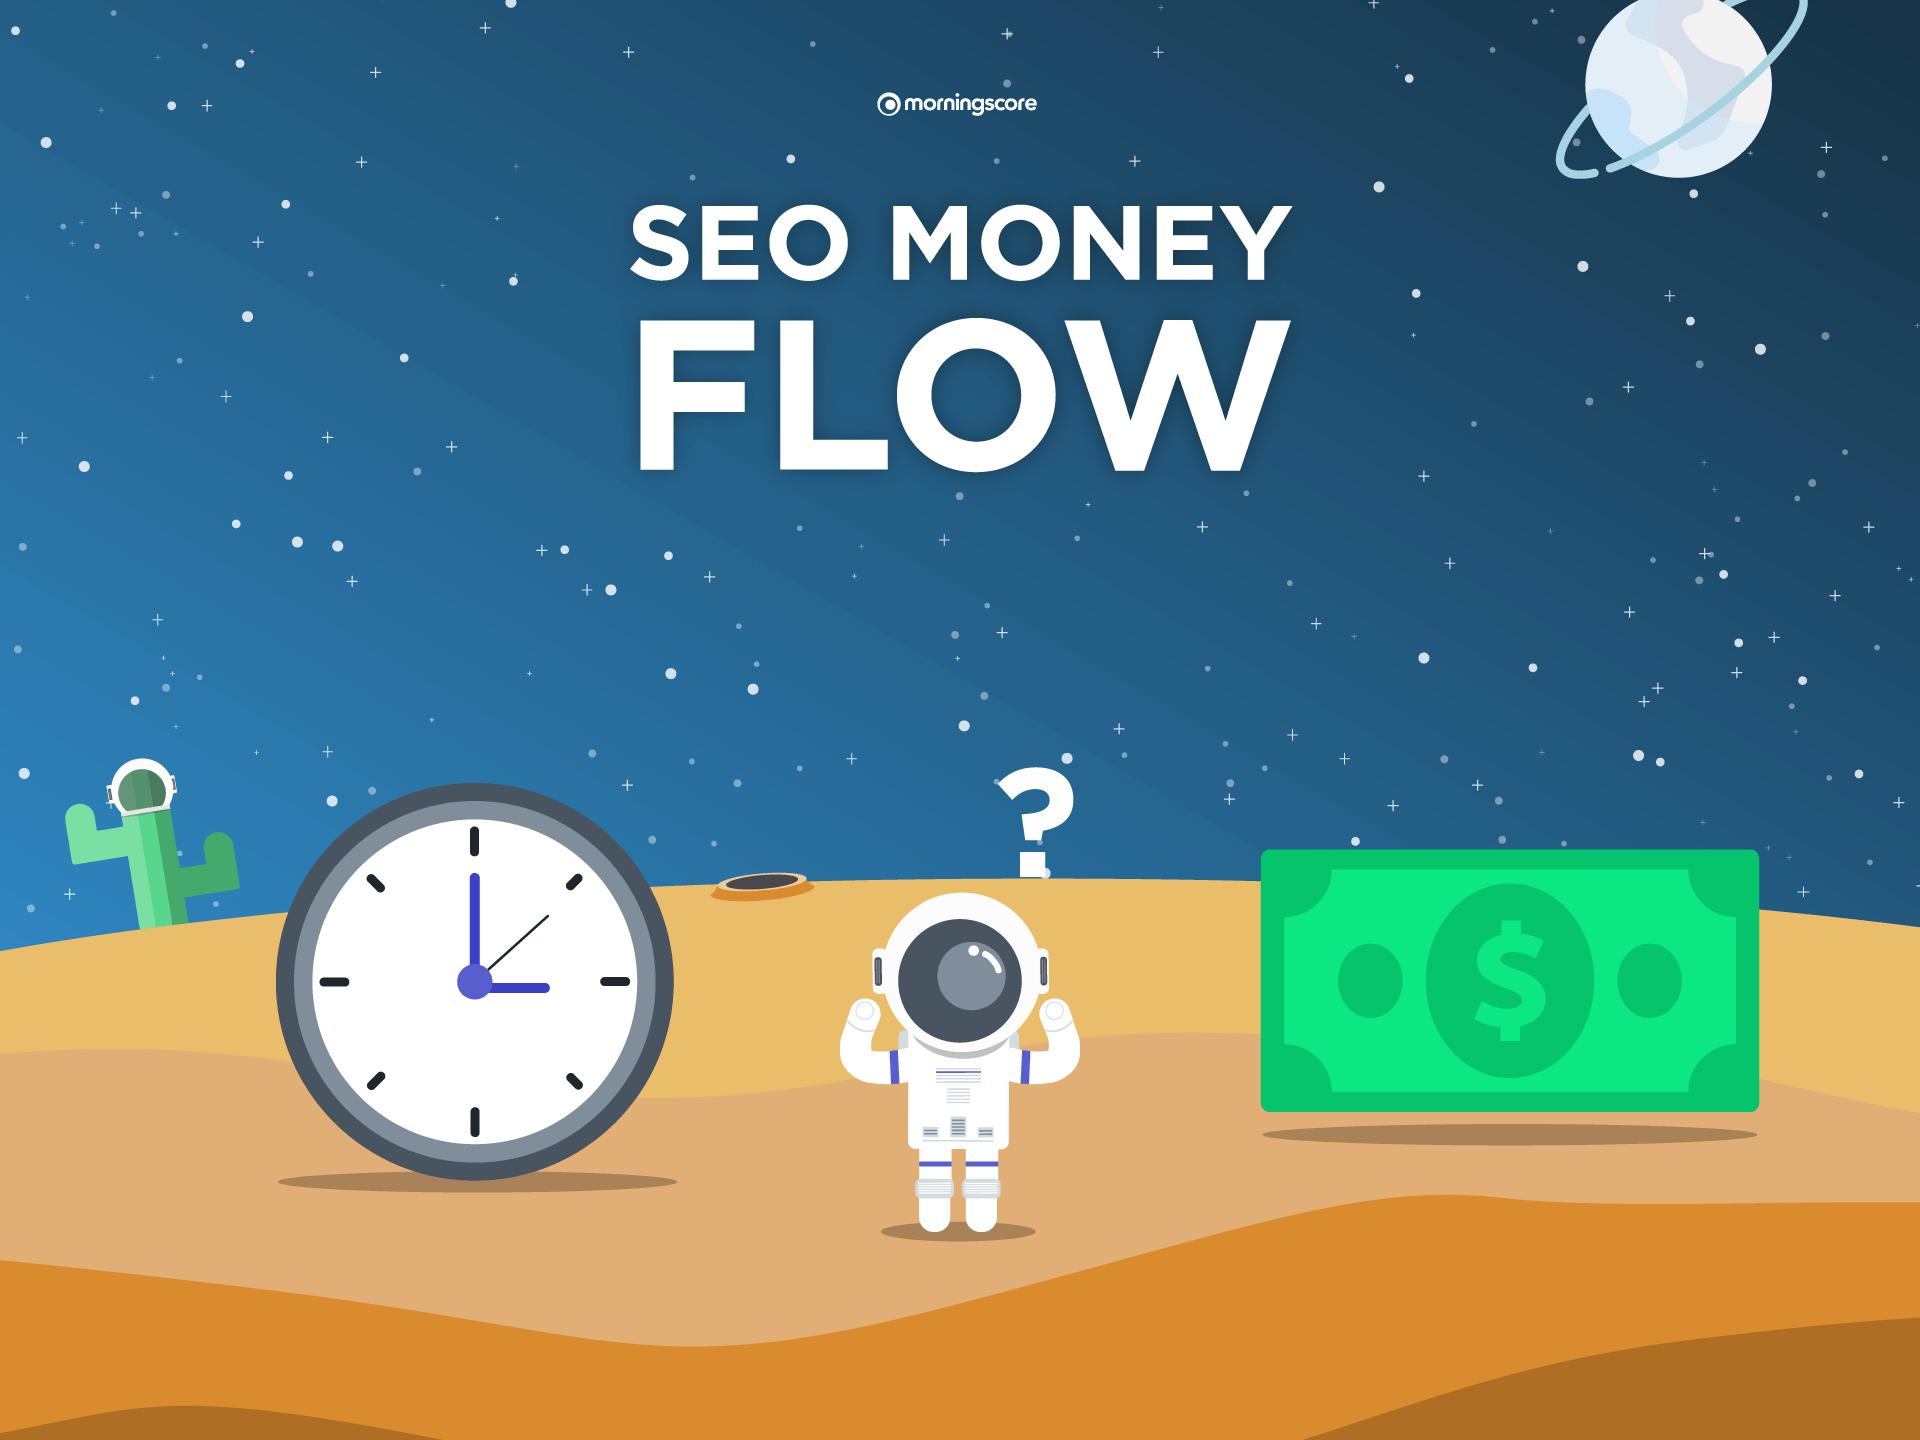 seo money flow